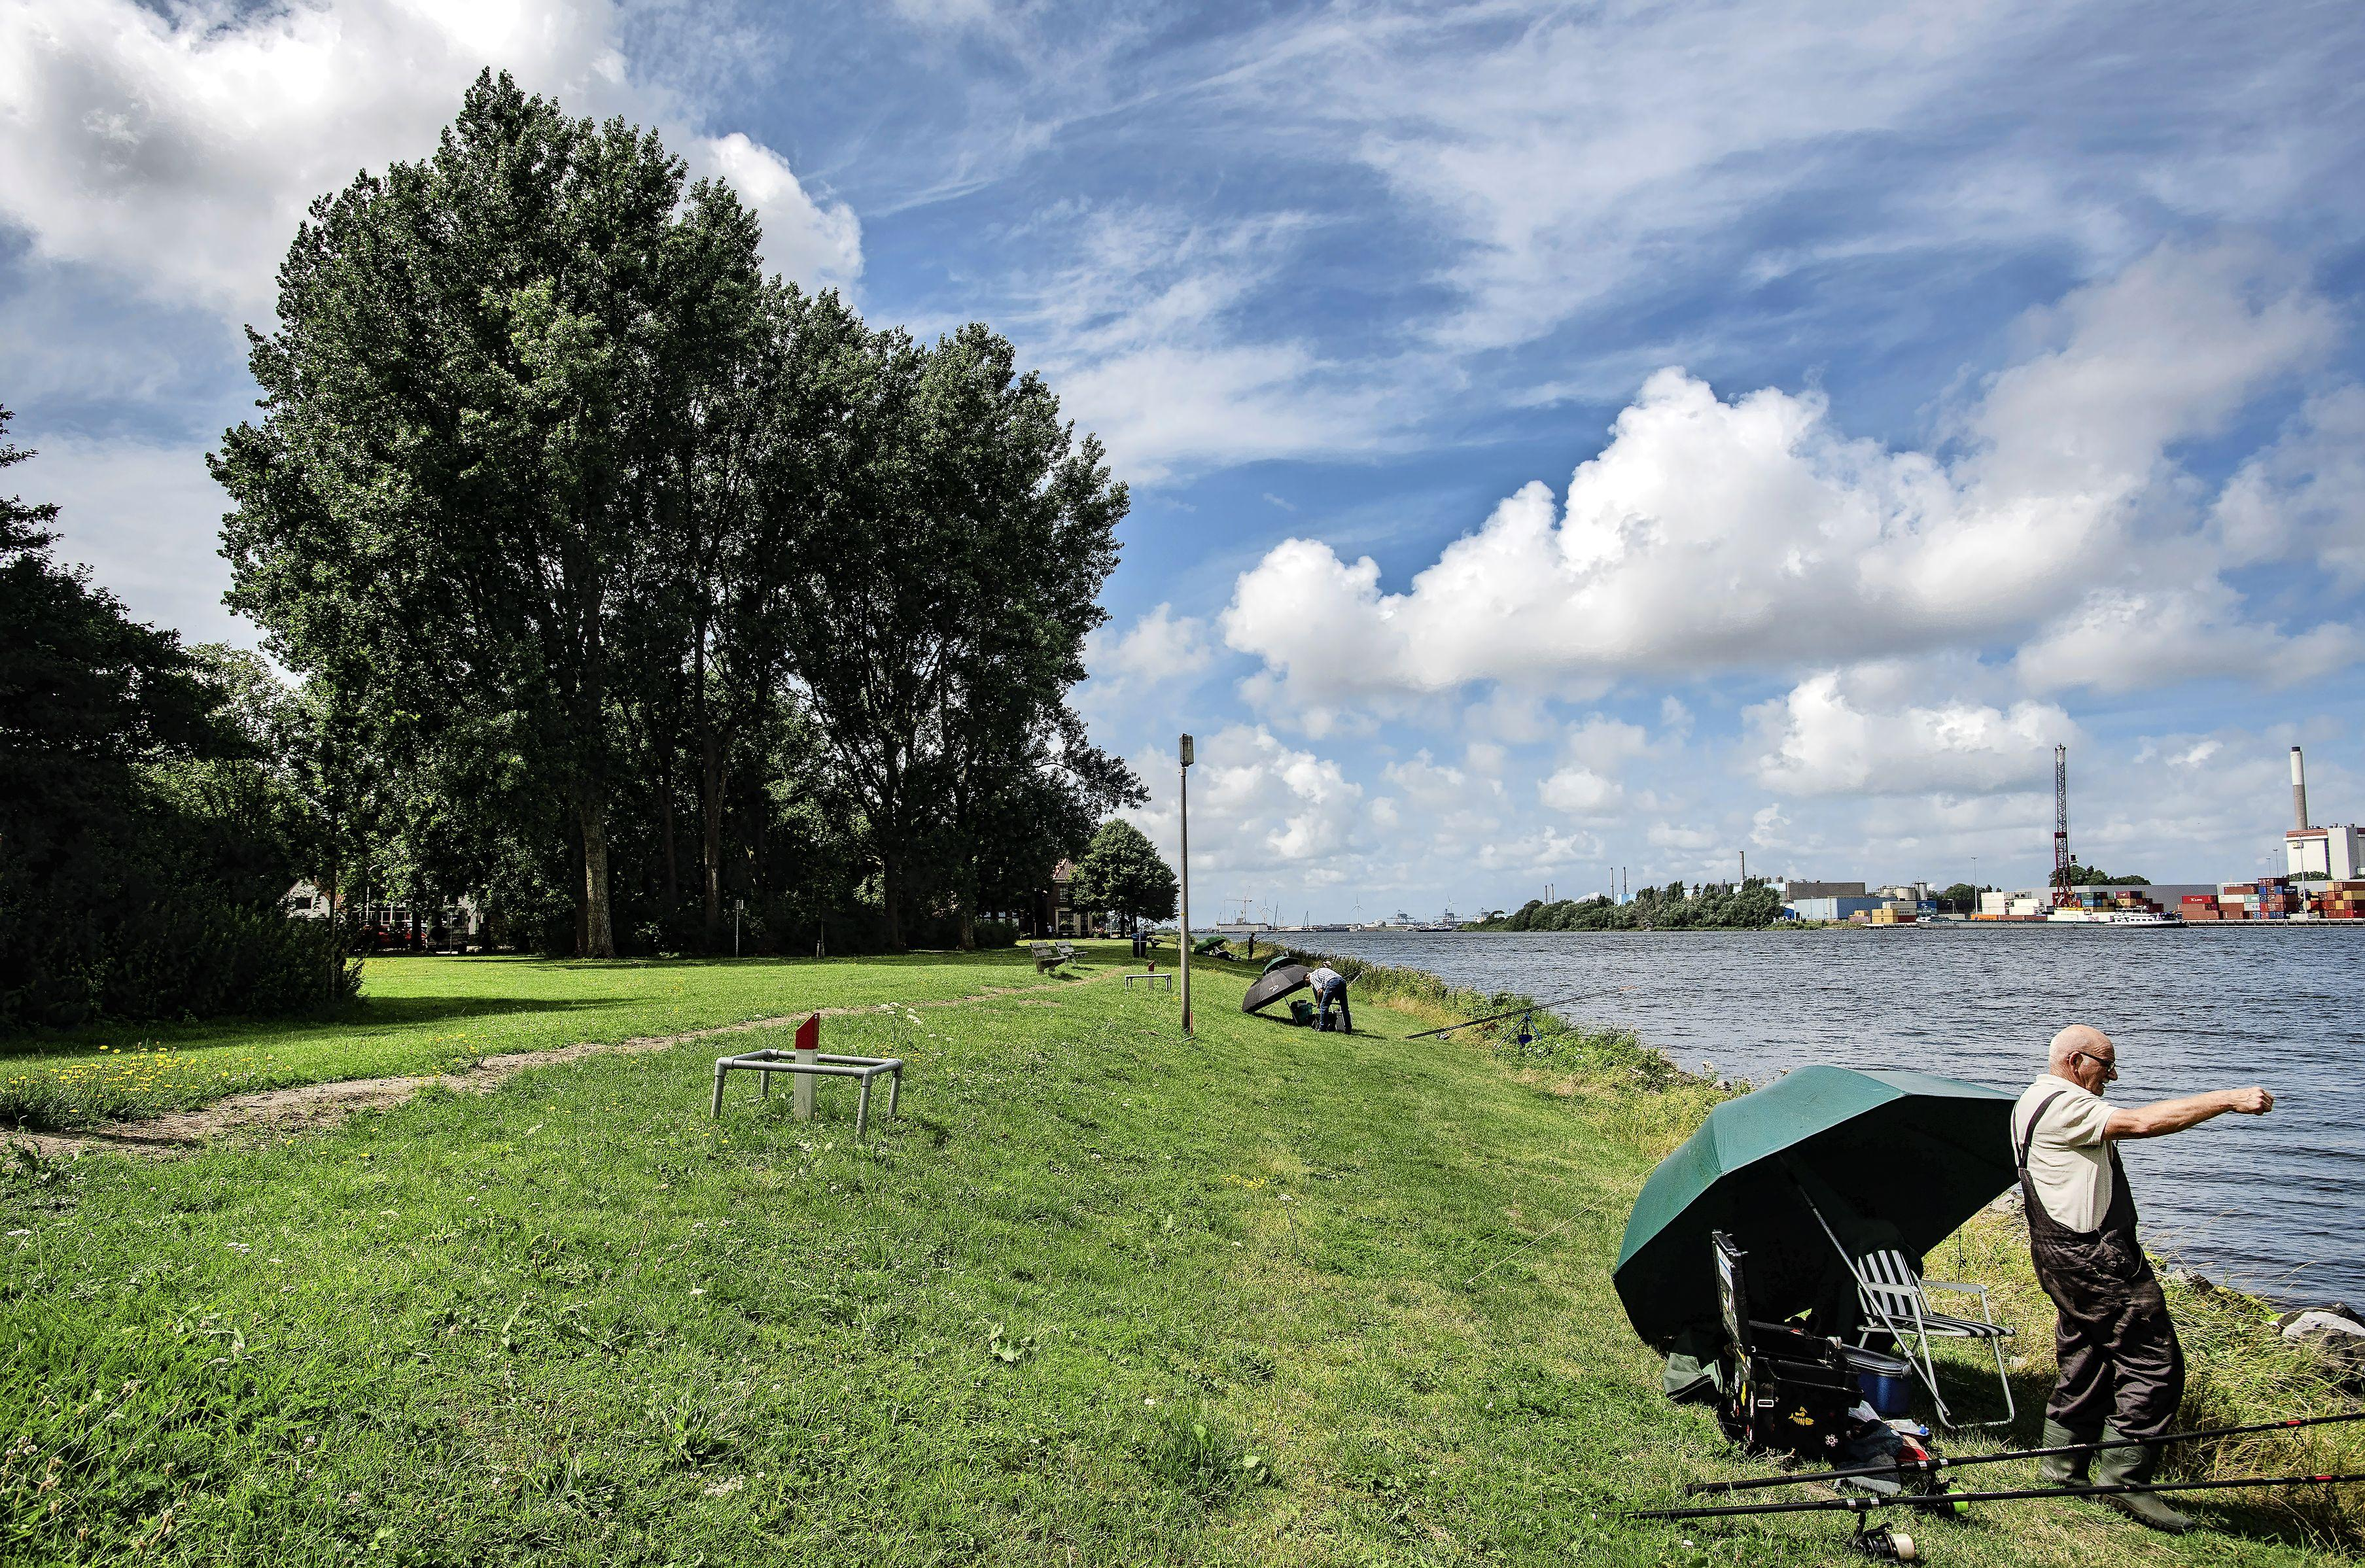 Landelijke opschoondag: leden roeivereniging De Stern prikken zaterdag rommel langs Noordzeekanaal aan hun stok